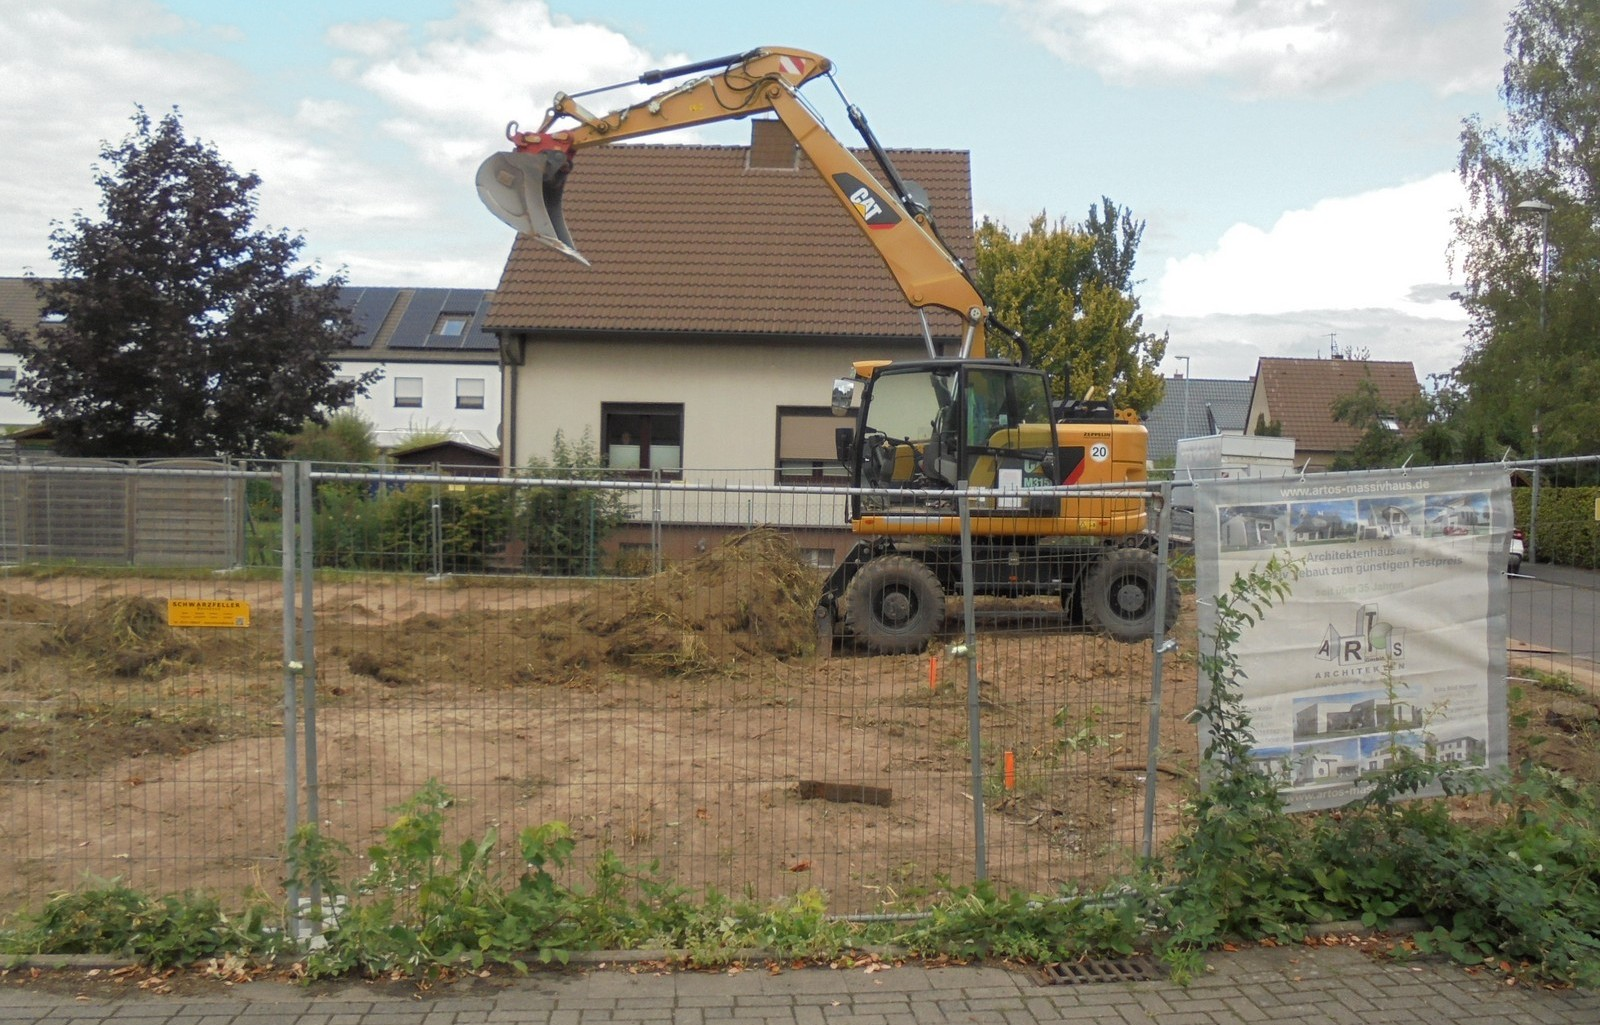 Erdarbeiten in Pulheim | ARTOS HAUS Bild 1